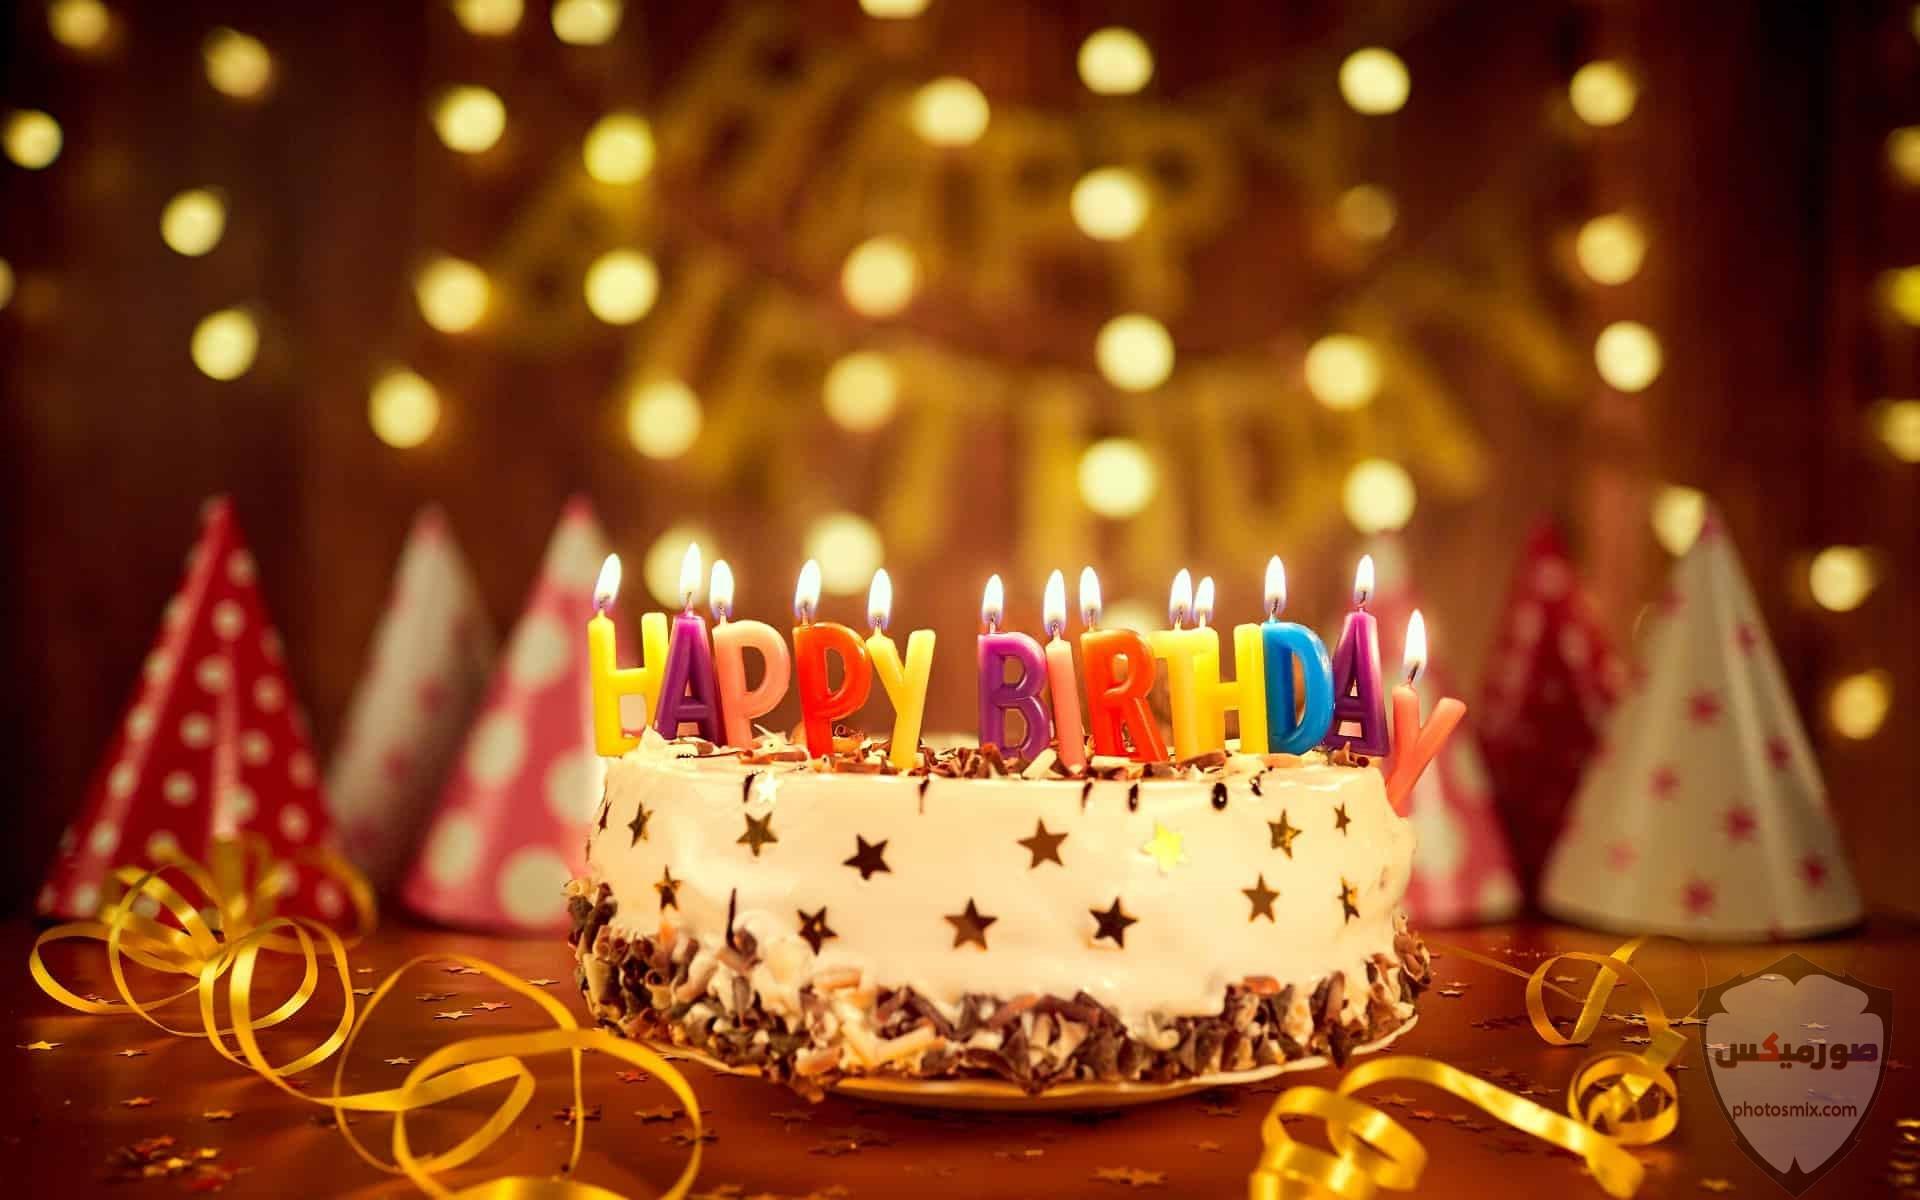 تهنئة عيد ميلاد بالانجليزي 4